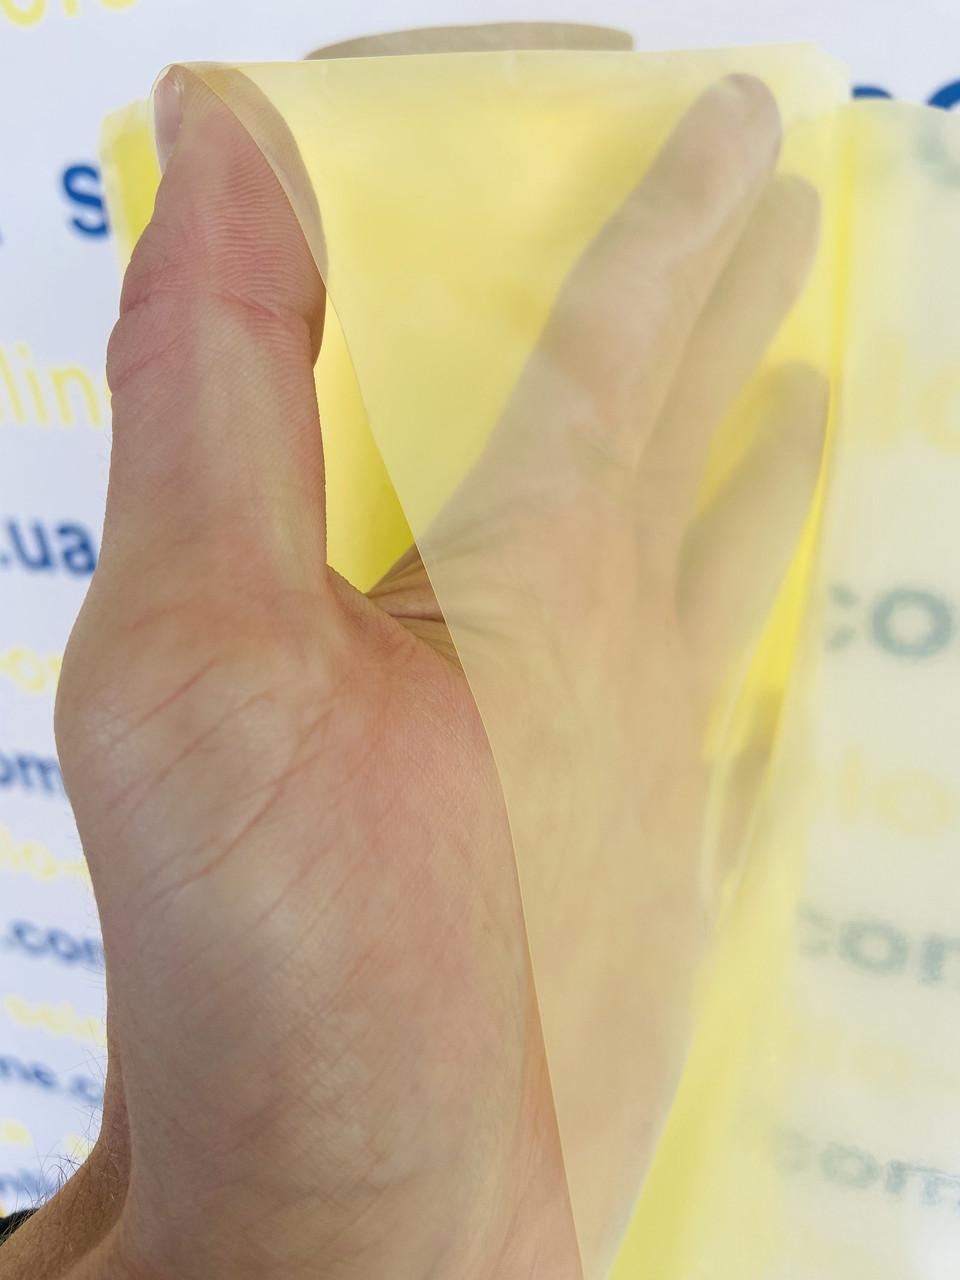 Пленка тепличная желтая 150 мкм. 6м*50м  (300 м2)\ 12мес. Стабилизация (2% UV). Желтая. Харьков